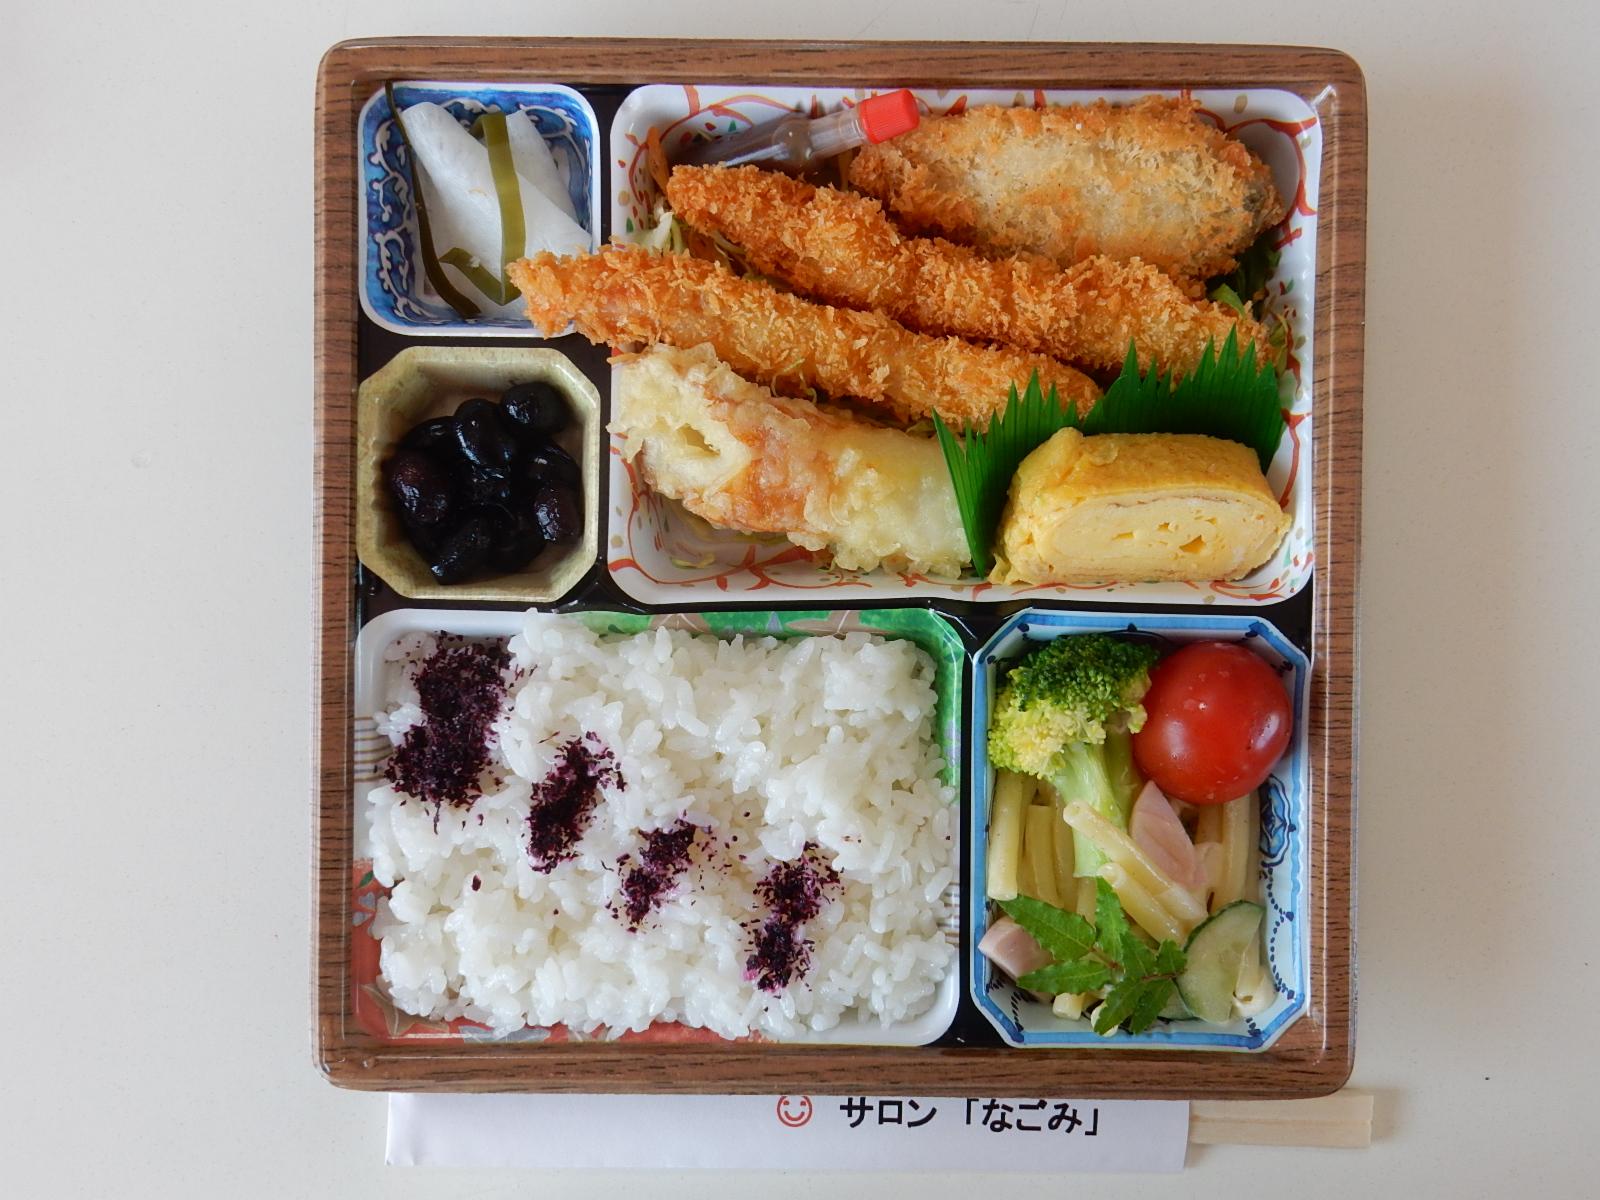 「サロンなごみ」本日の日替わり特別メニュー!(4/23)